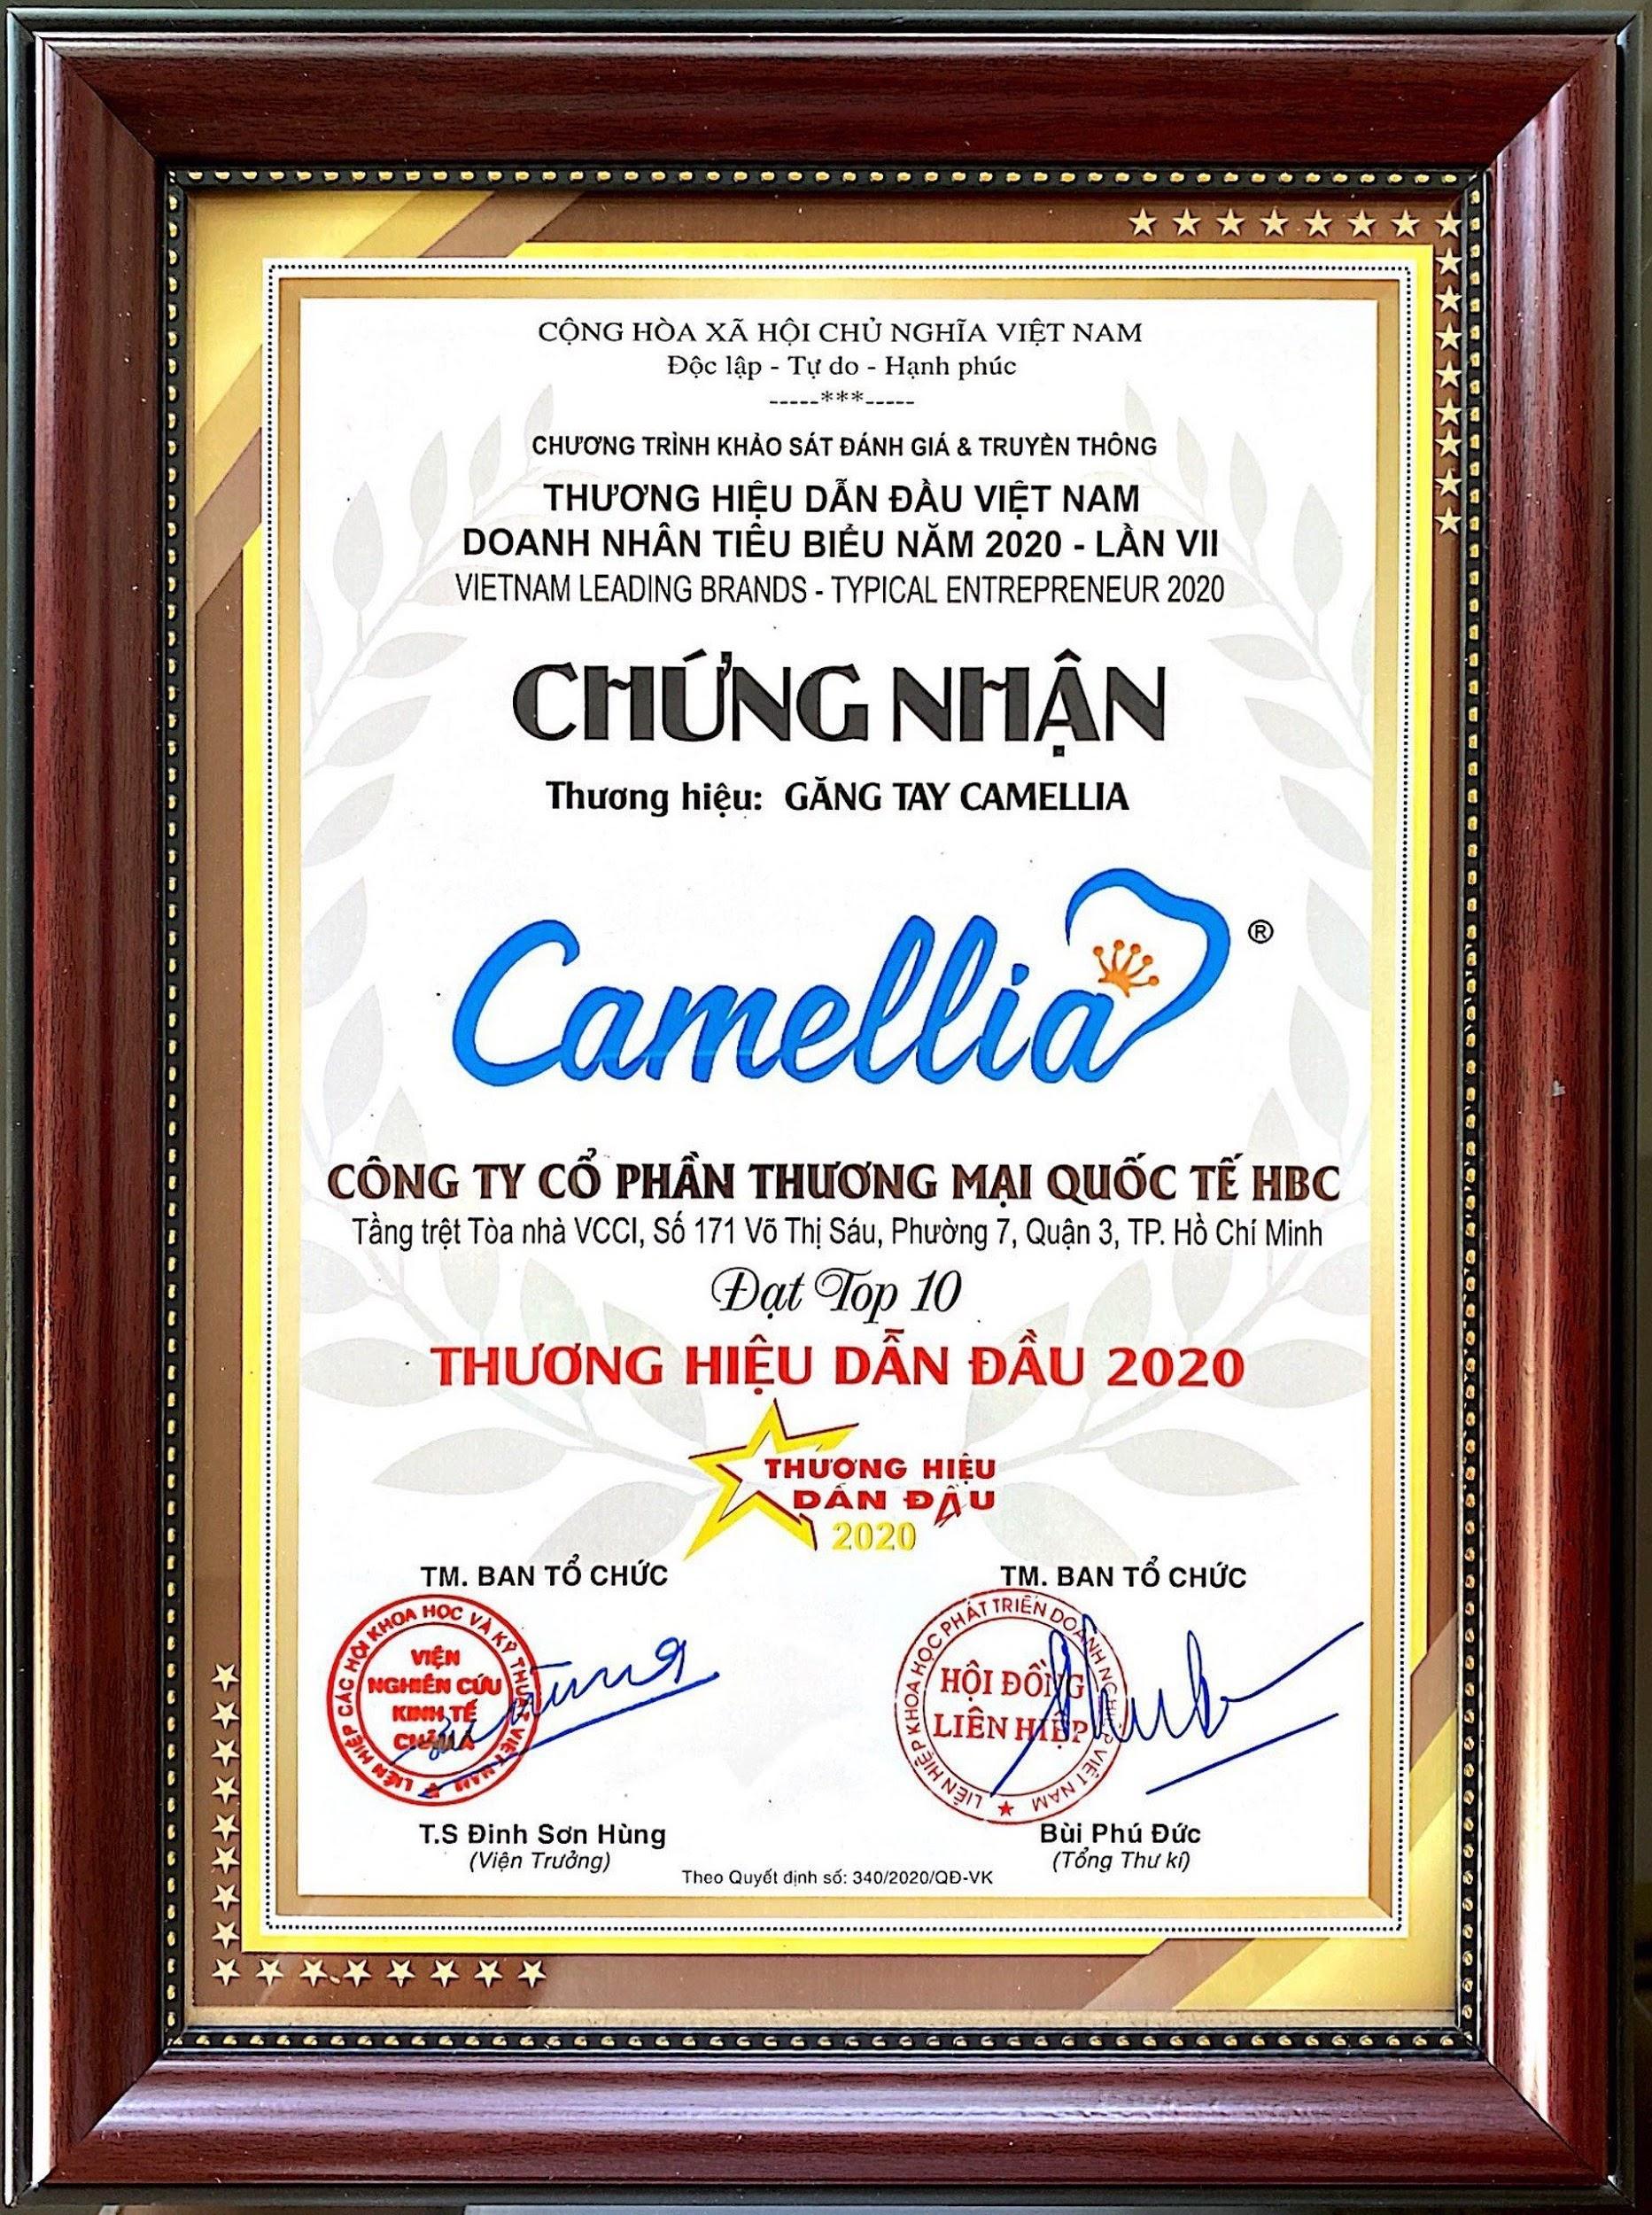 'Sao Vàng Doanh Nhân Đất Việt' vinh danh Tổng giám đốc Công ty HBC - Ảnh 2.